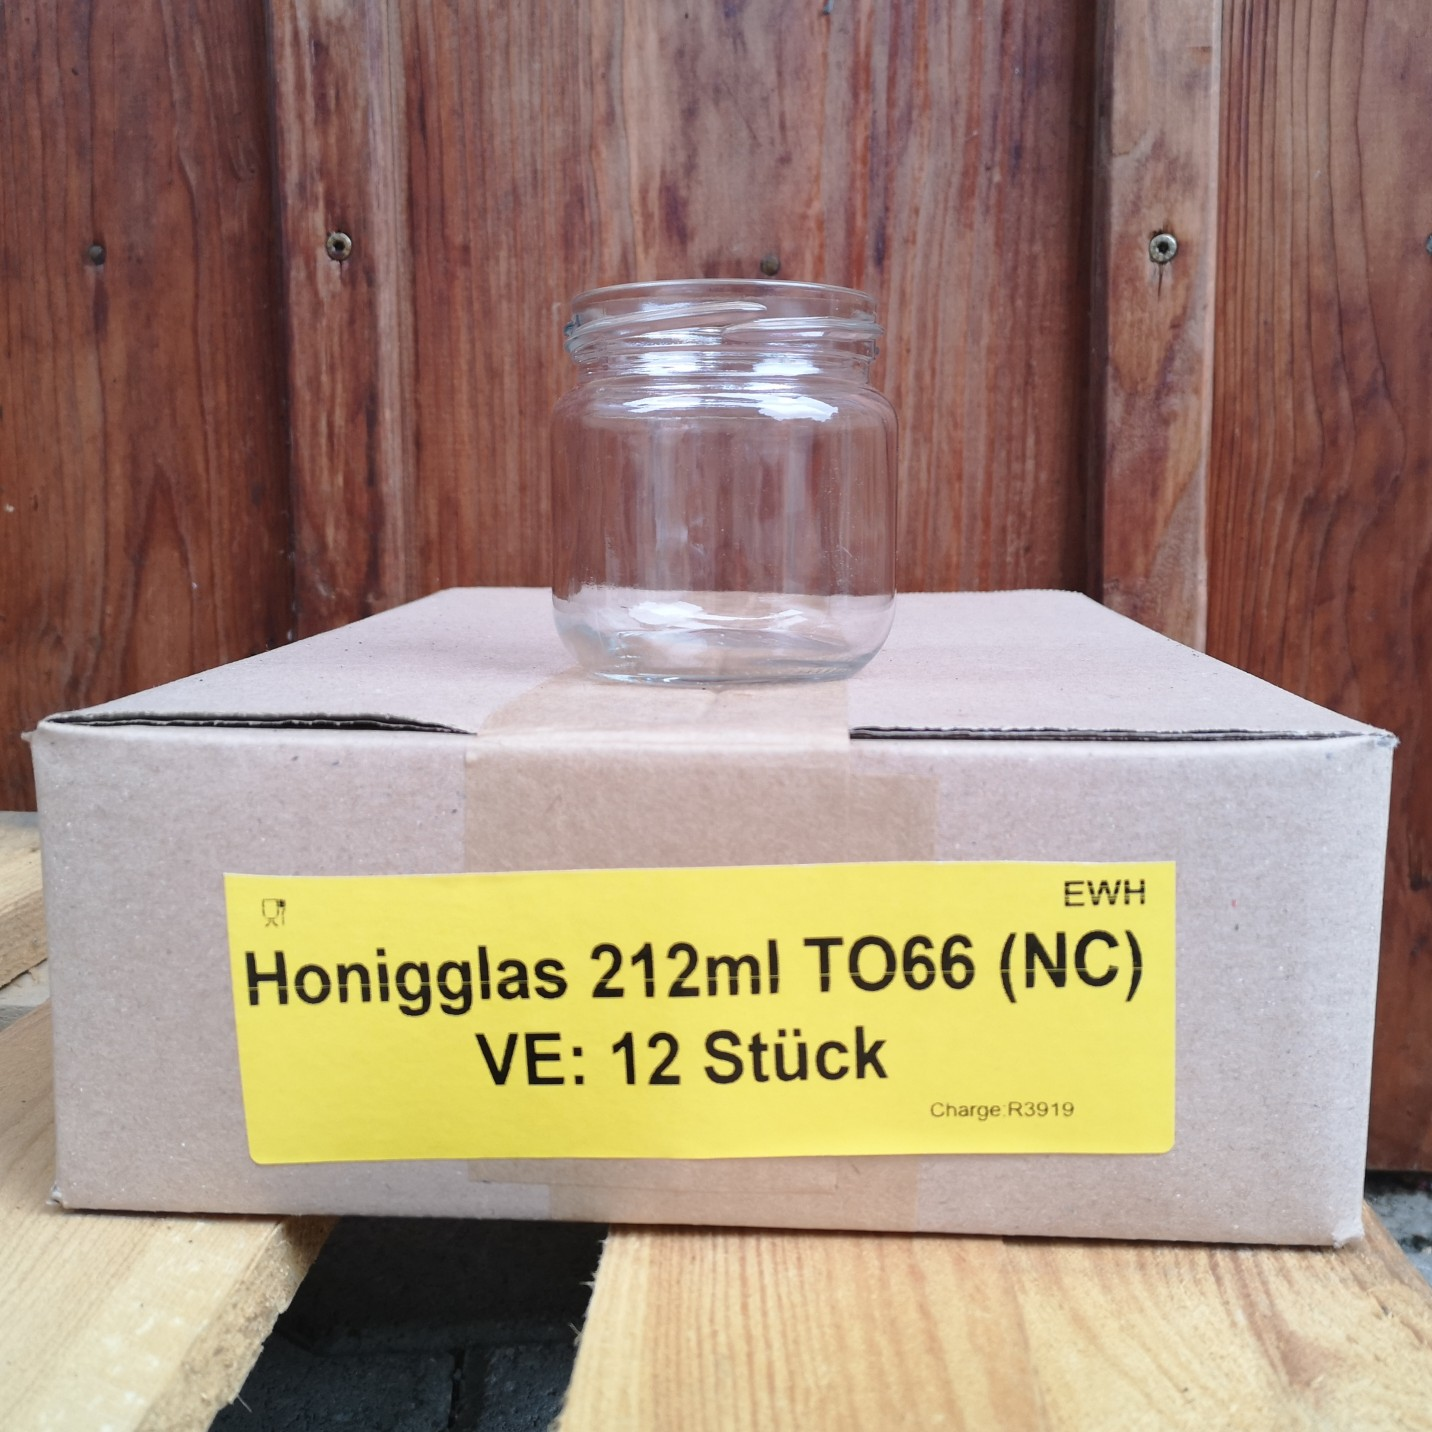 Rundglas Karton 212ml (To66) ohne Deckel EW